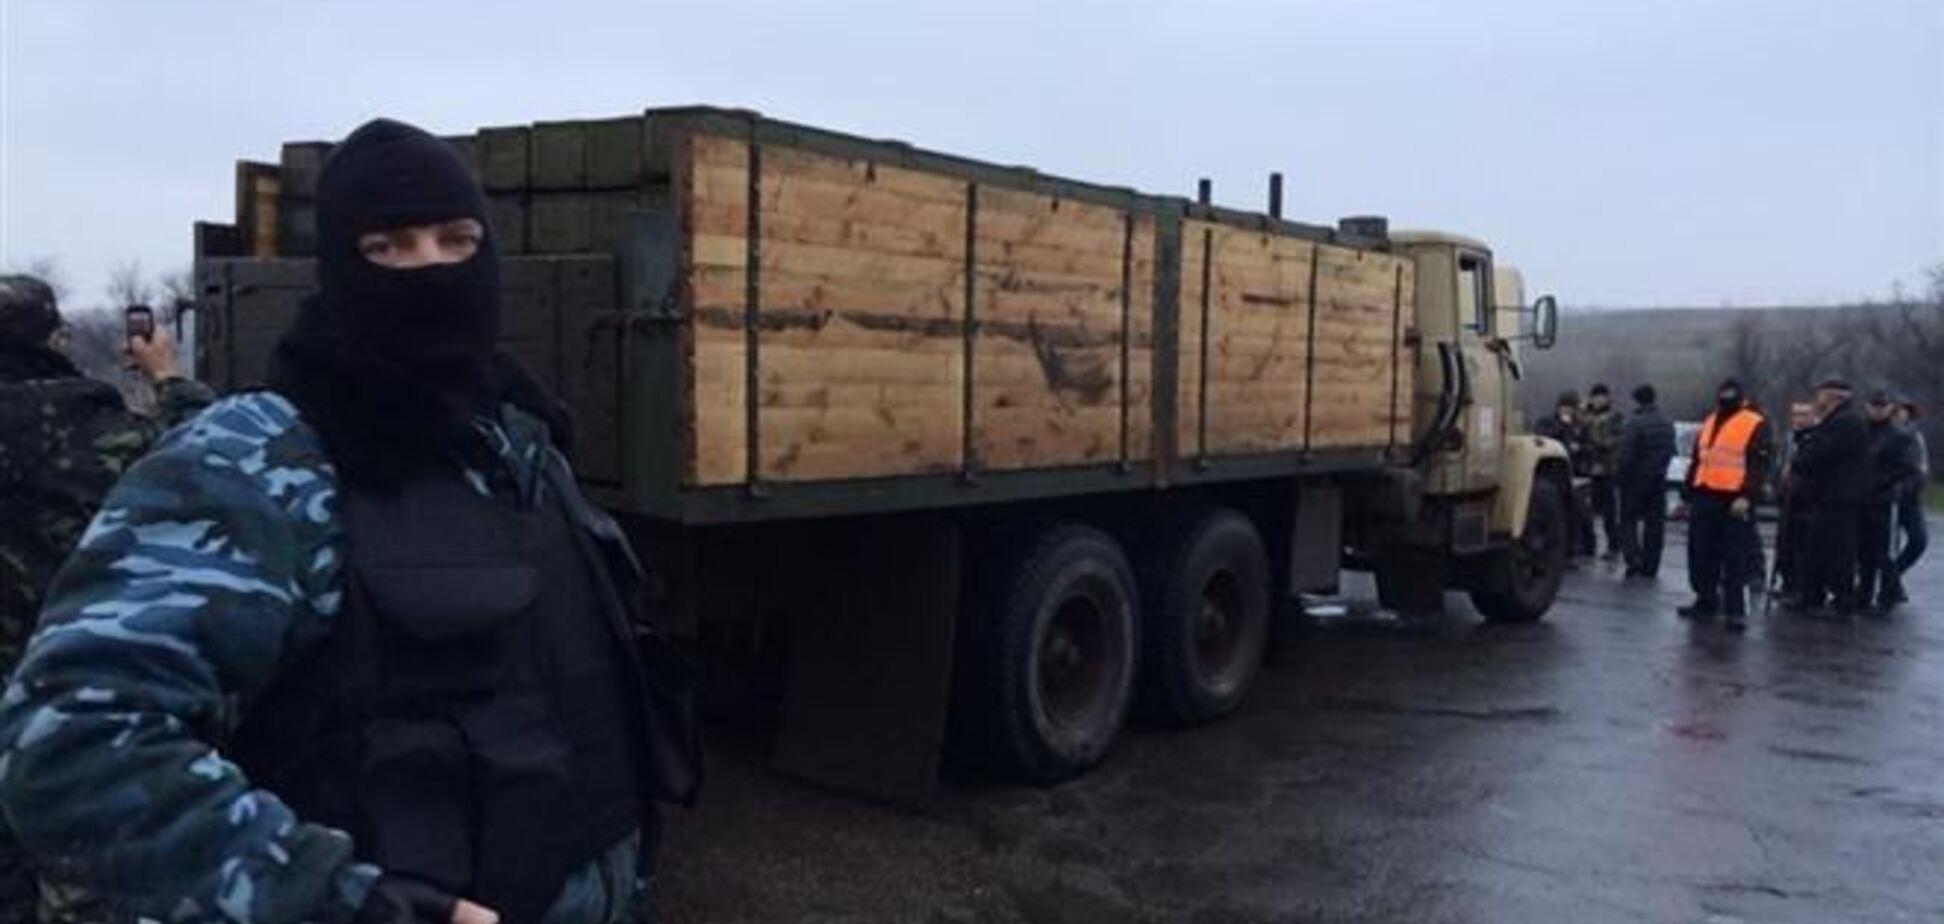 Под Славянском 'самооборона' задержала грузовик с оружием